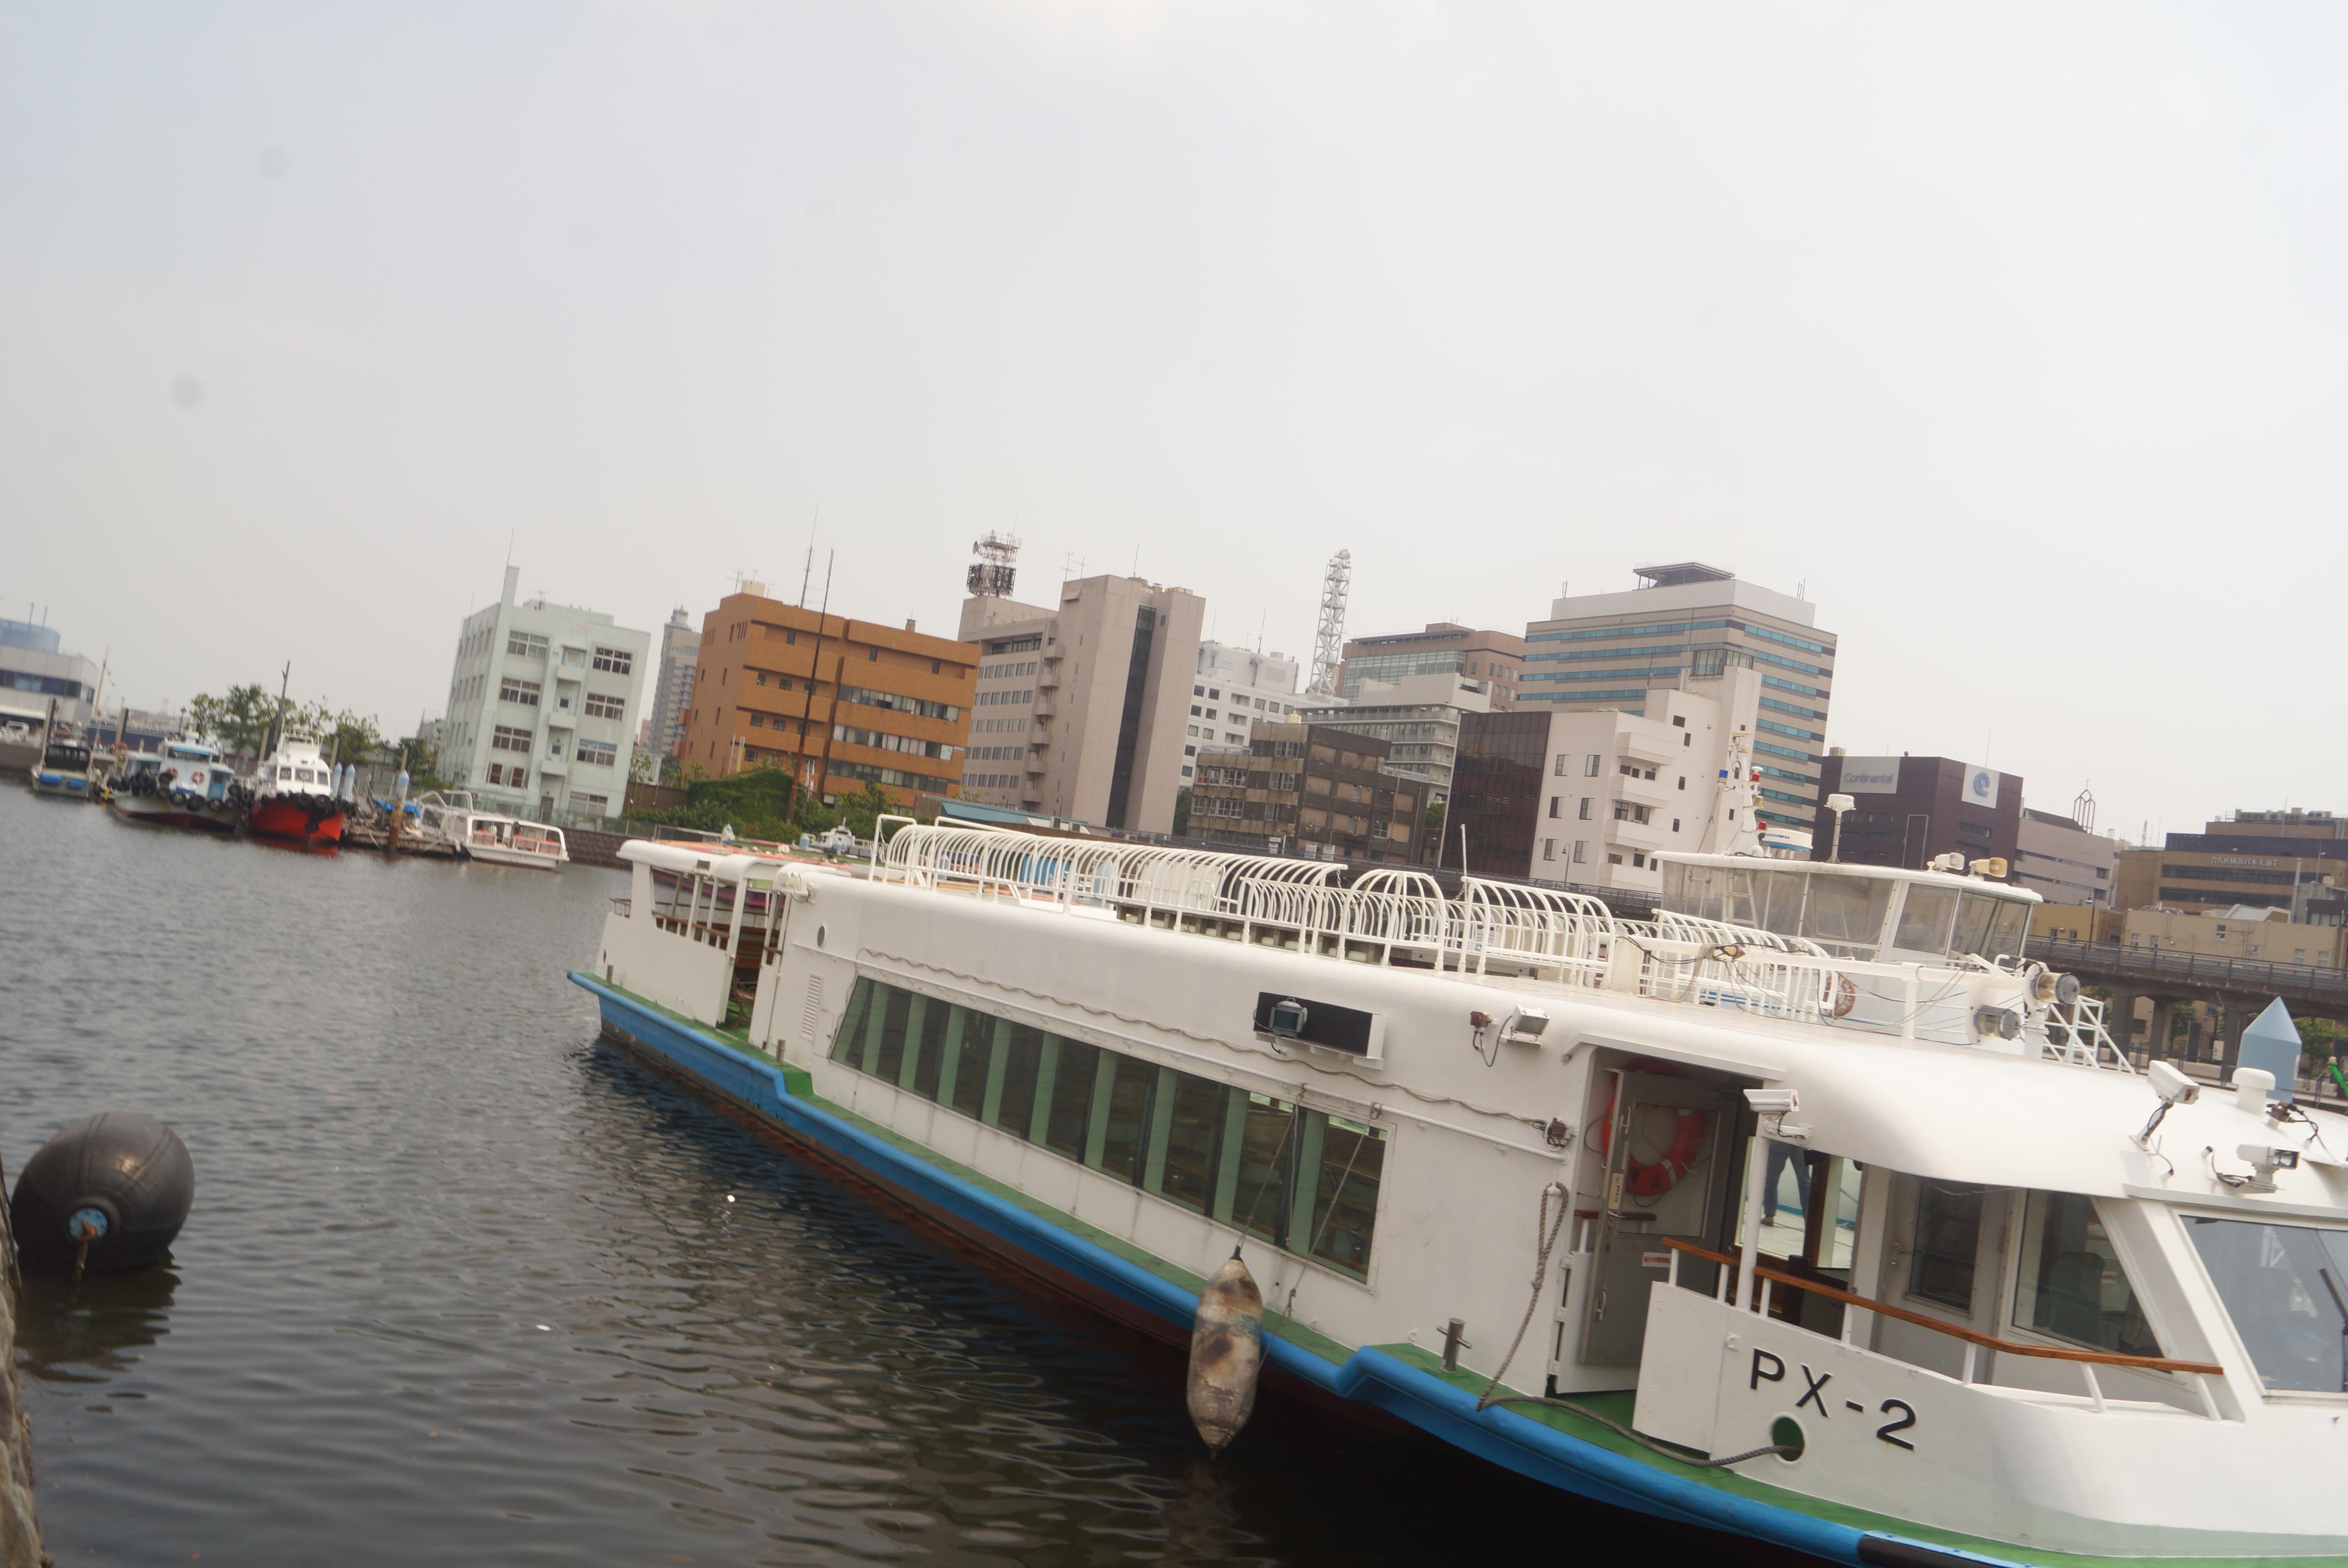 水辺に停まっている船